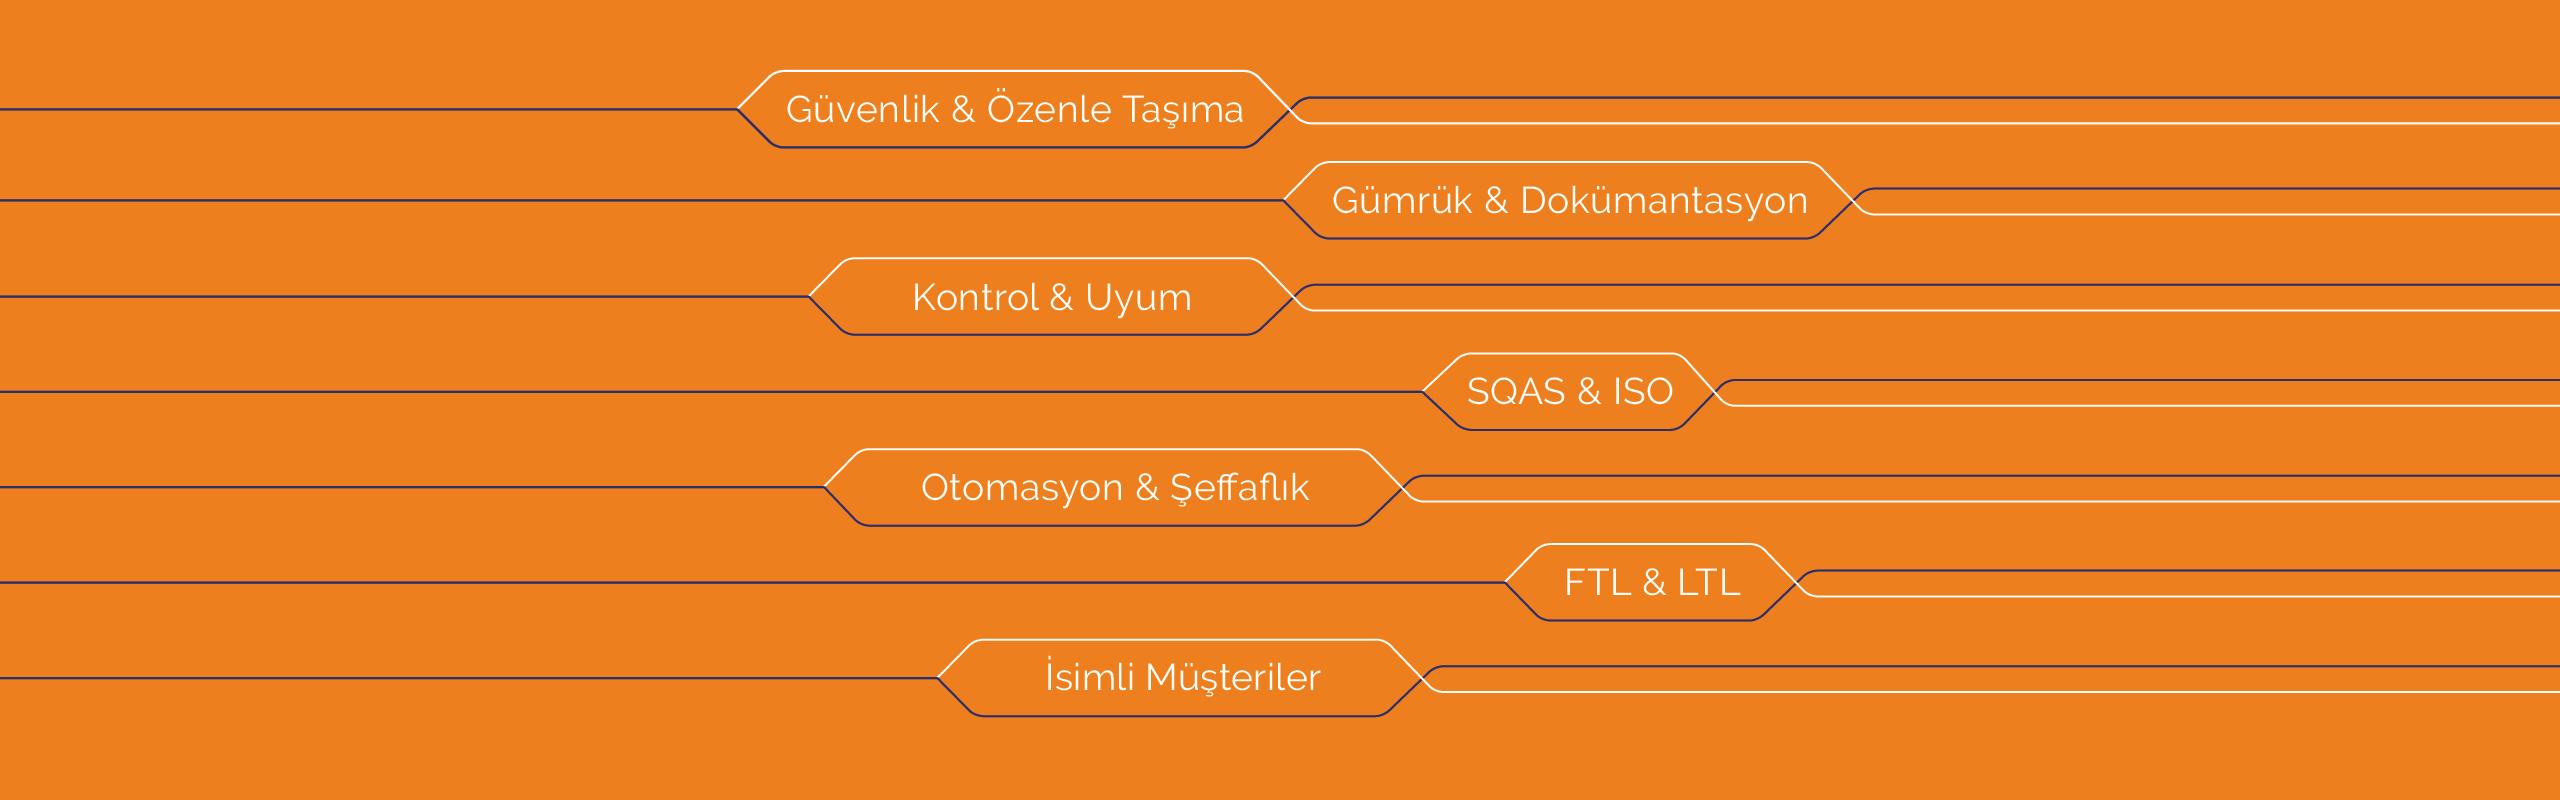 Güvenlik & Özenle Taşıma, Gümrük & Dokümantasyon, Kontrol & Uyum, SQAS & ISO, Otomasyon & Şeffaflık, FTL & LTL, İsimli Müşteriler